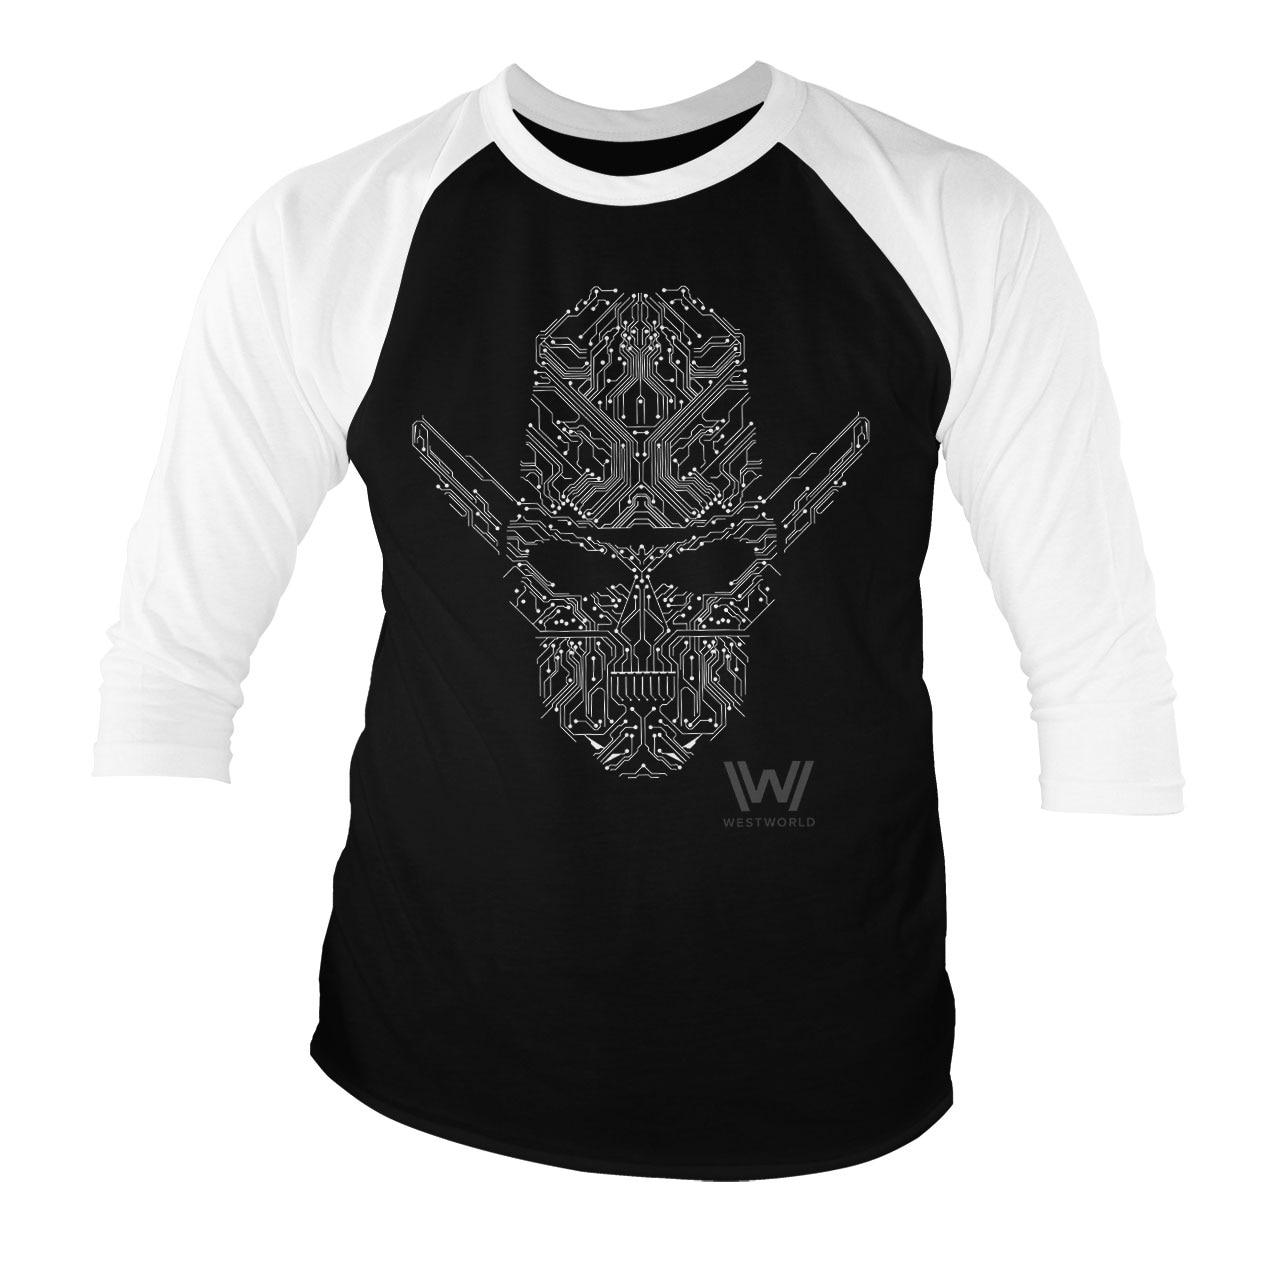 WB-19-WESTW003-WB